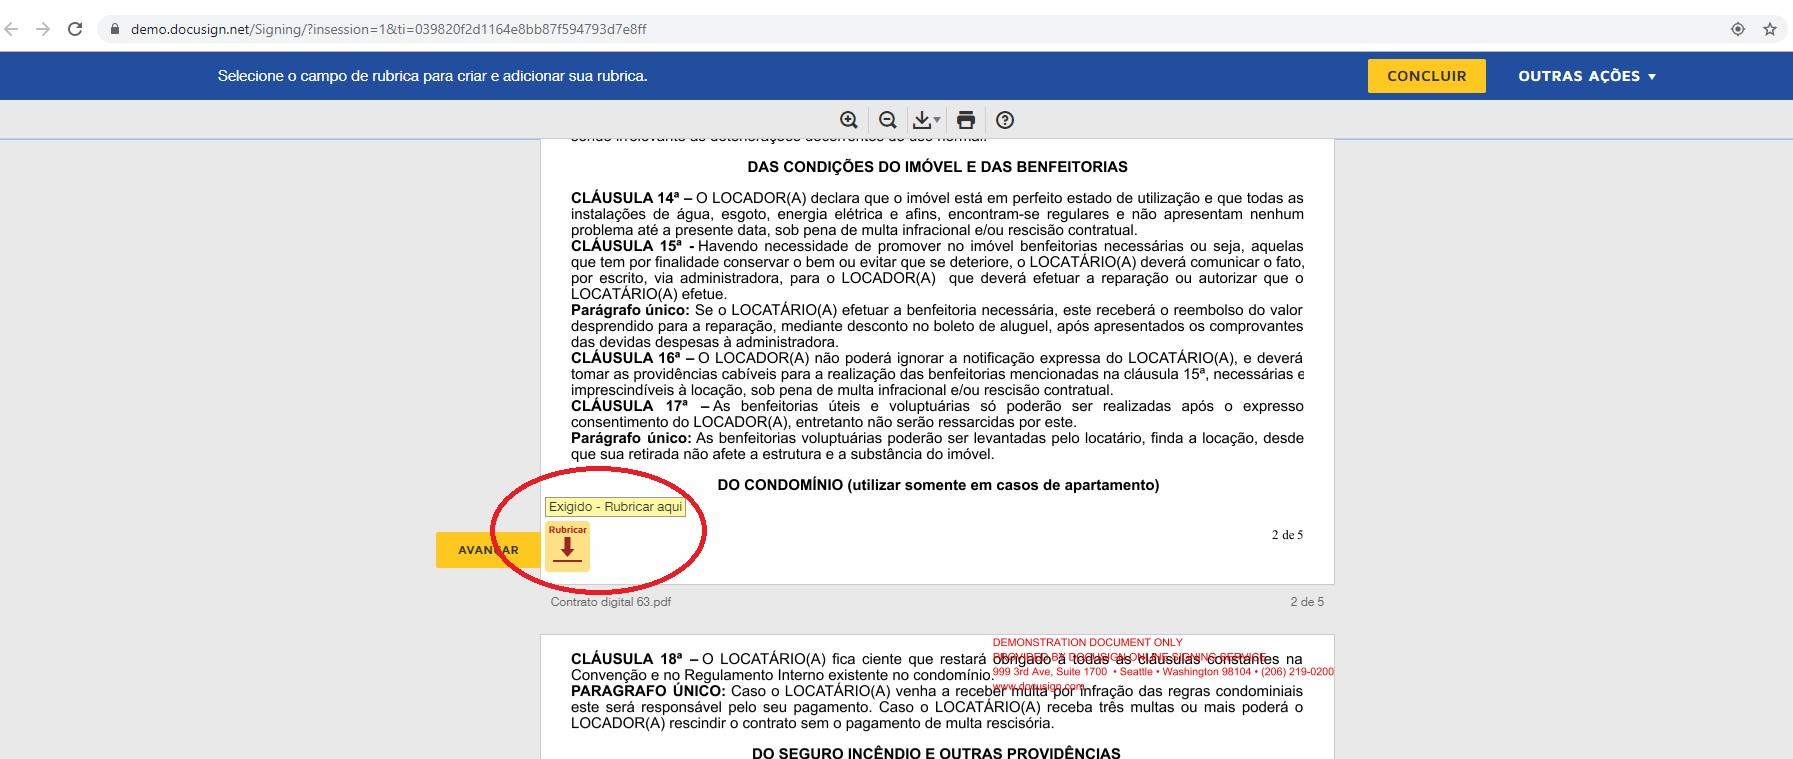 Passo a Passo - Assinatura eletrônica do contrato utilizando o e-mail - Rubrica